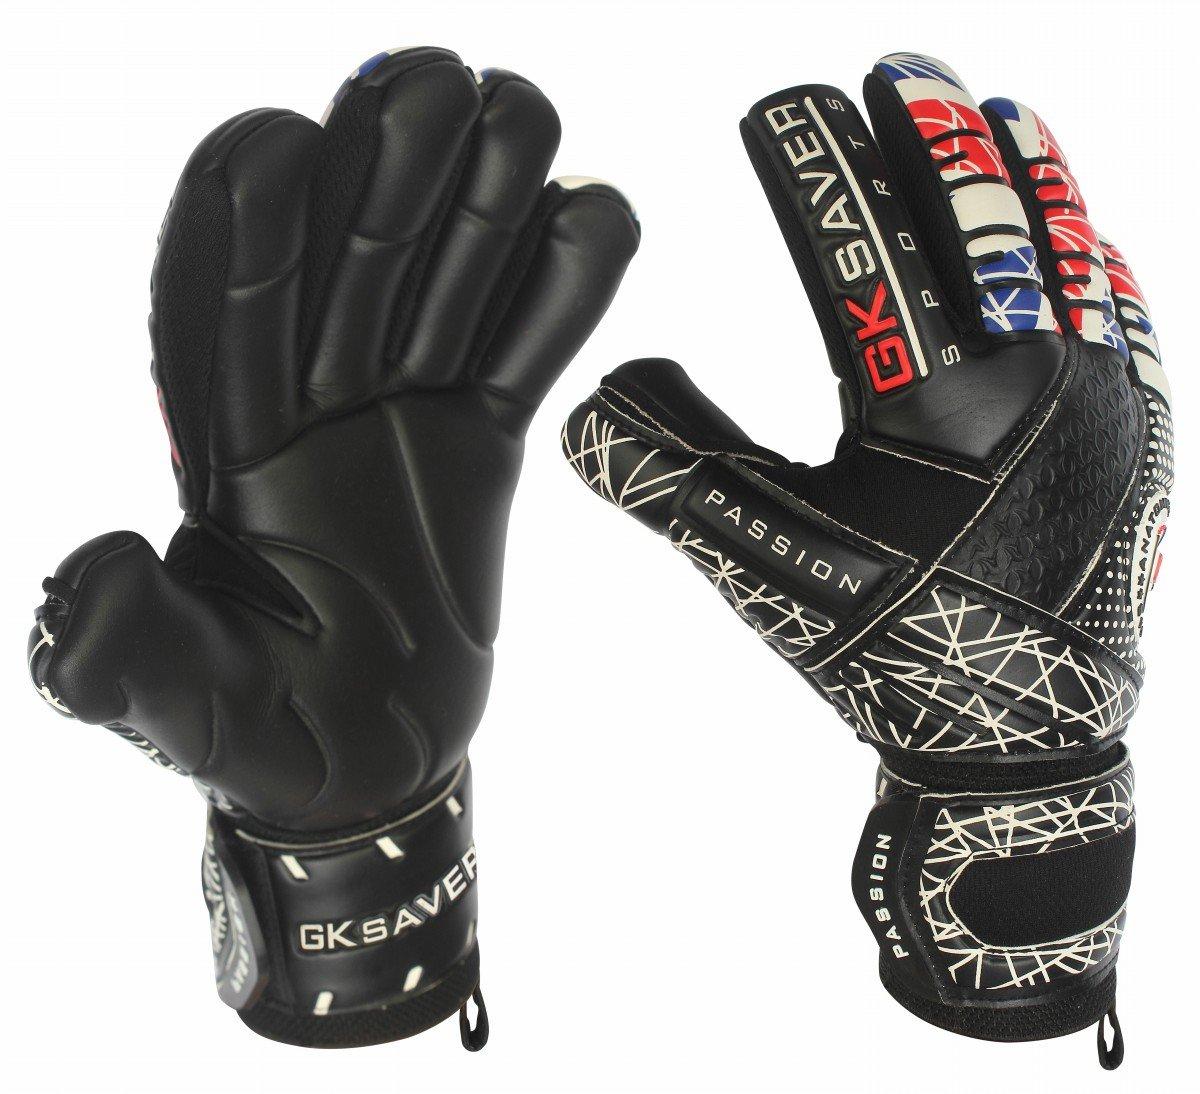 GK Saver Torwarthandschuhe für Fußball, mit UK-Flagge, professionelle Handschuhe, personalisierbar